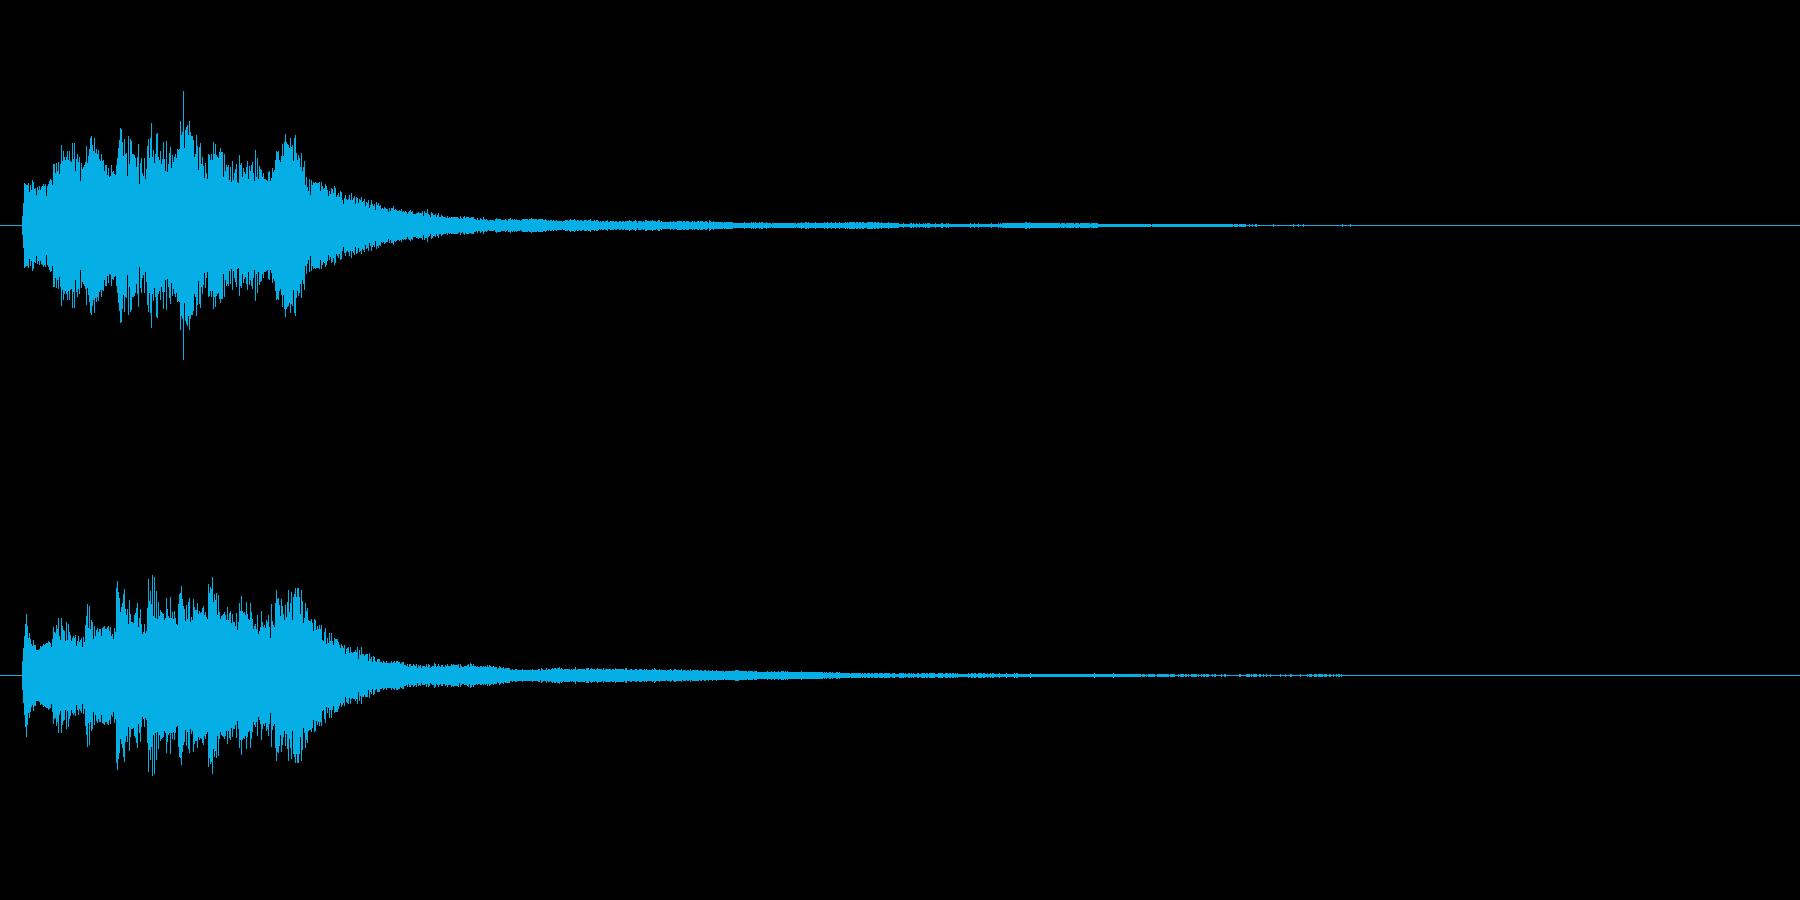 アテンション向きのメロディ(中くらい)の再生済みの波形